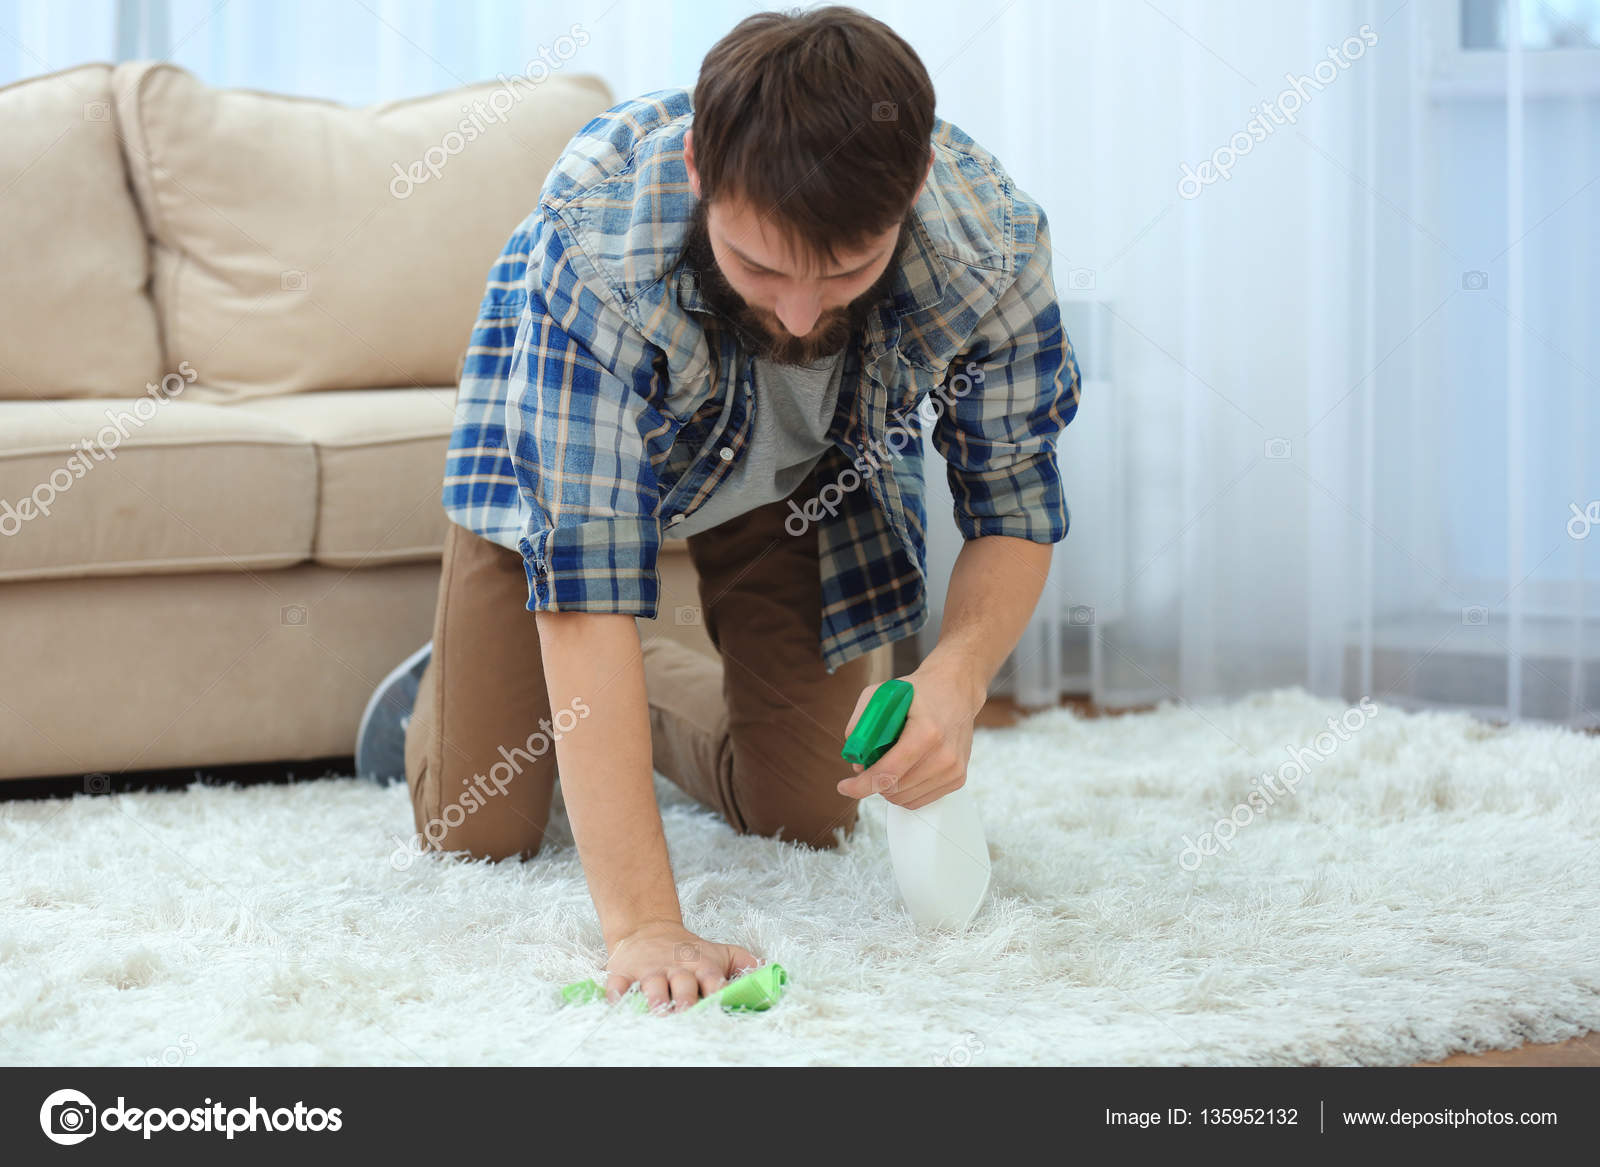 Limpieza de alfombras en casa good limpiar alfombras with - Limpiar alfombra en casa ...